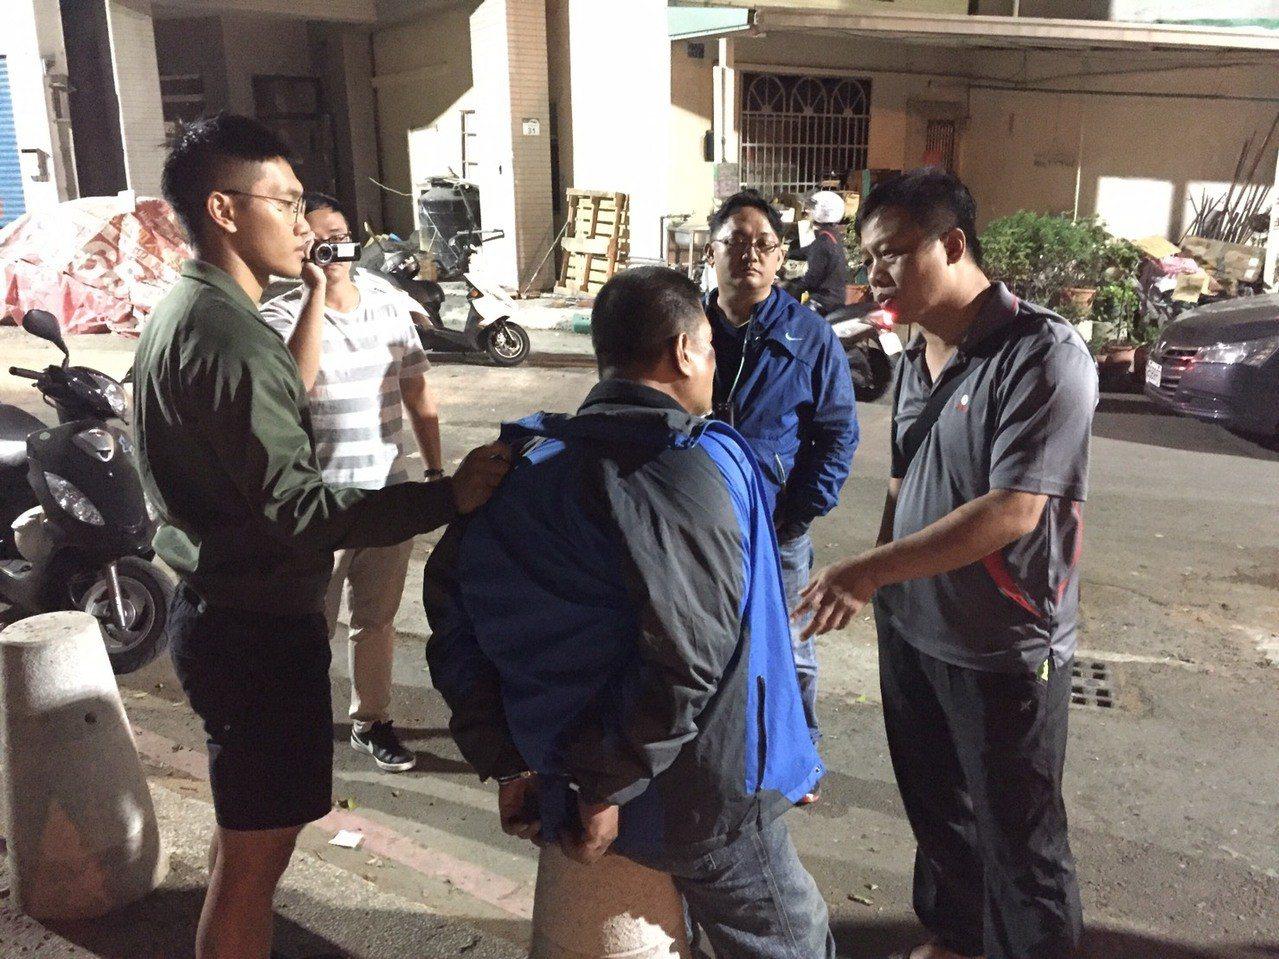 顏姓男子(中)涉嫌偷車搶買菜婦人皮包,昨天被捕。記者林保光/翻攝